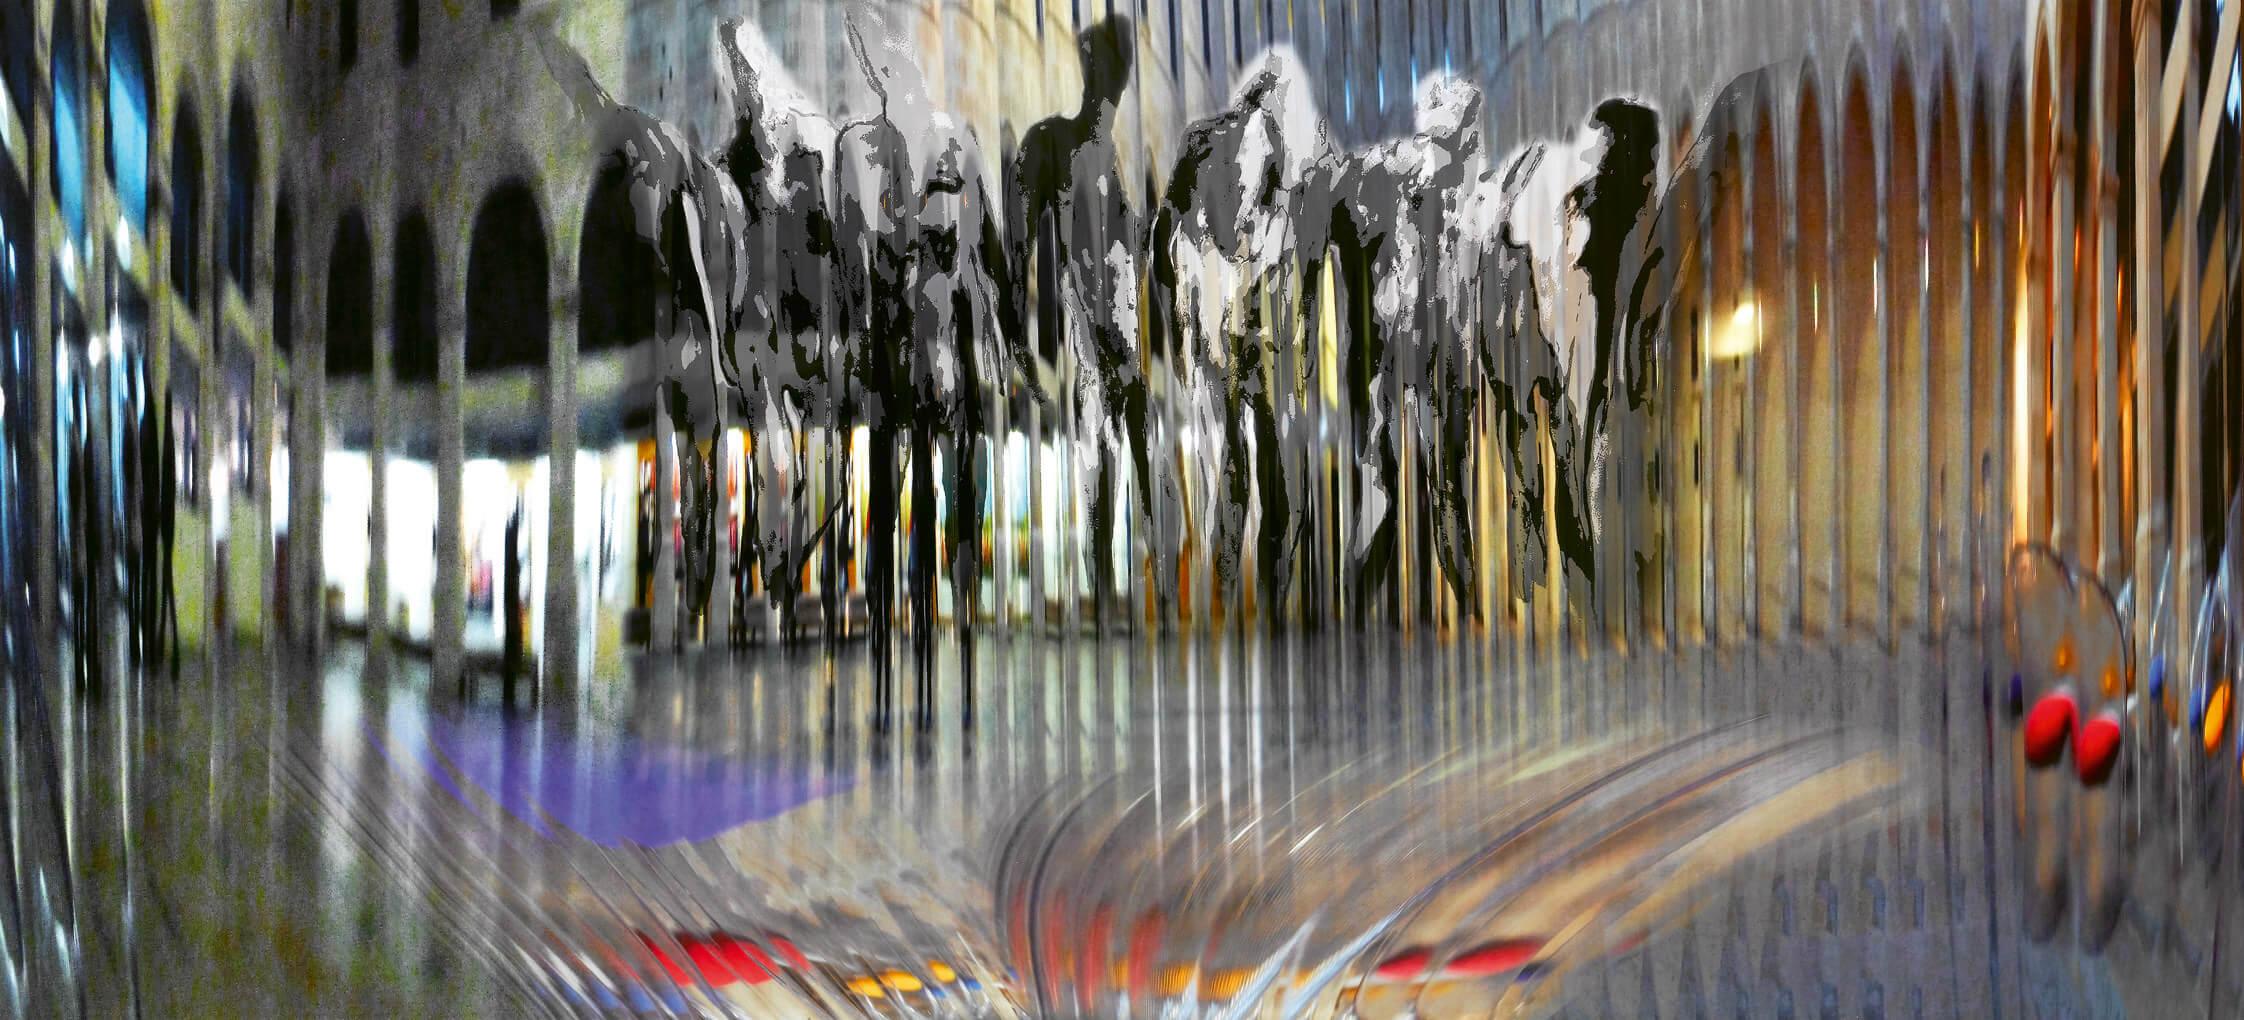 Yves PHELIPPOT - Les fantômes de La Coursive - PDM 2013